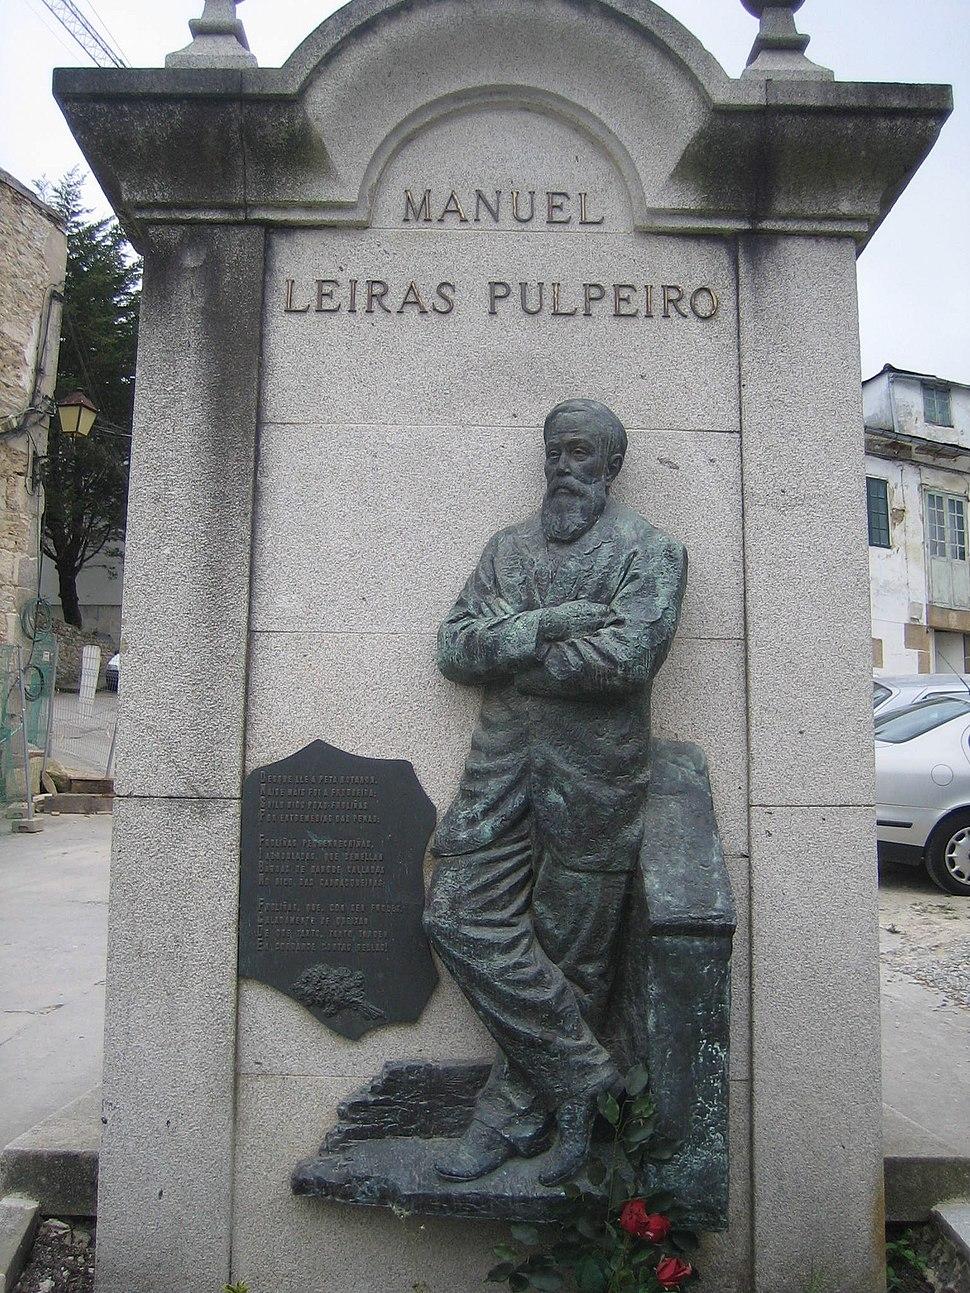 Escultura Manuel Leiras Pulpeiro, Mondoñedo